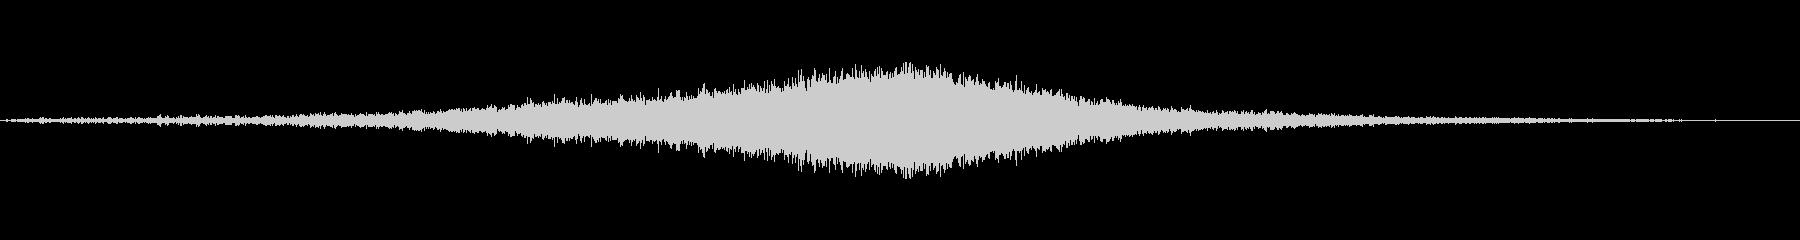 シンバルズ7スウェルの未再生の波形